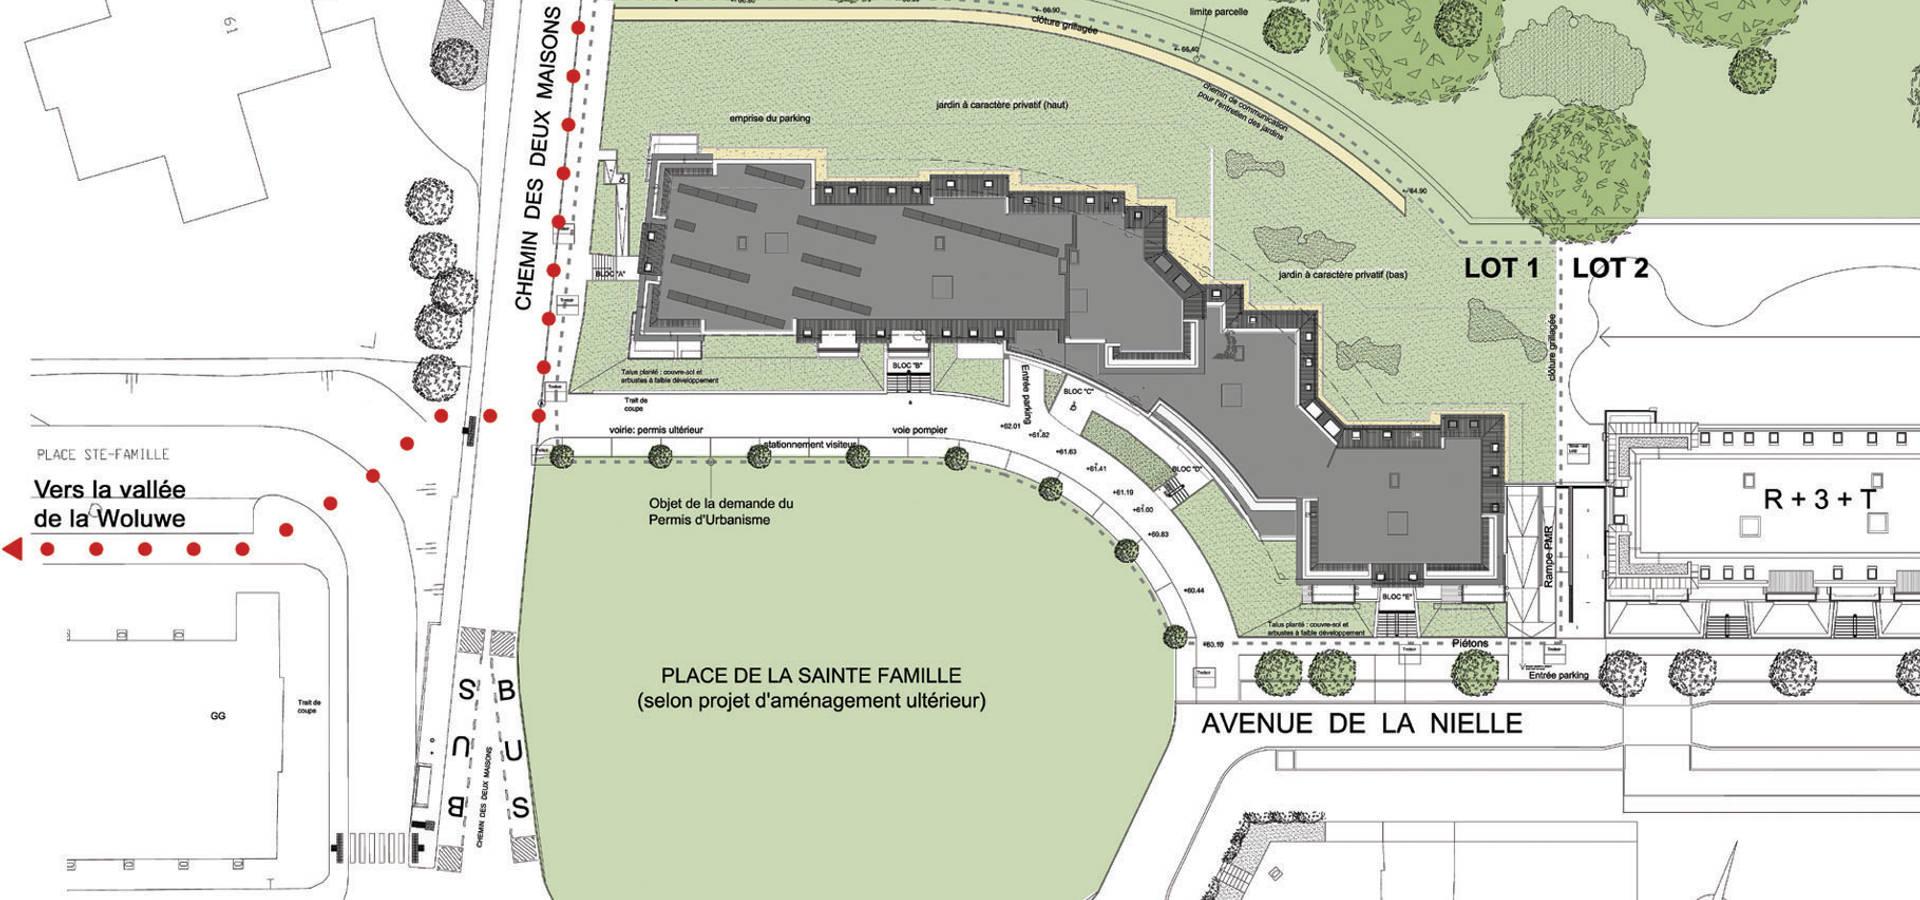 Atelier d'architecture La Licorne